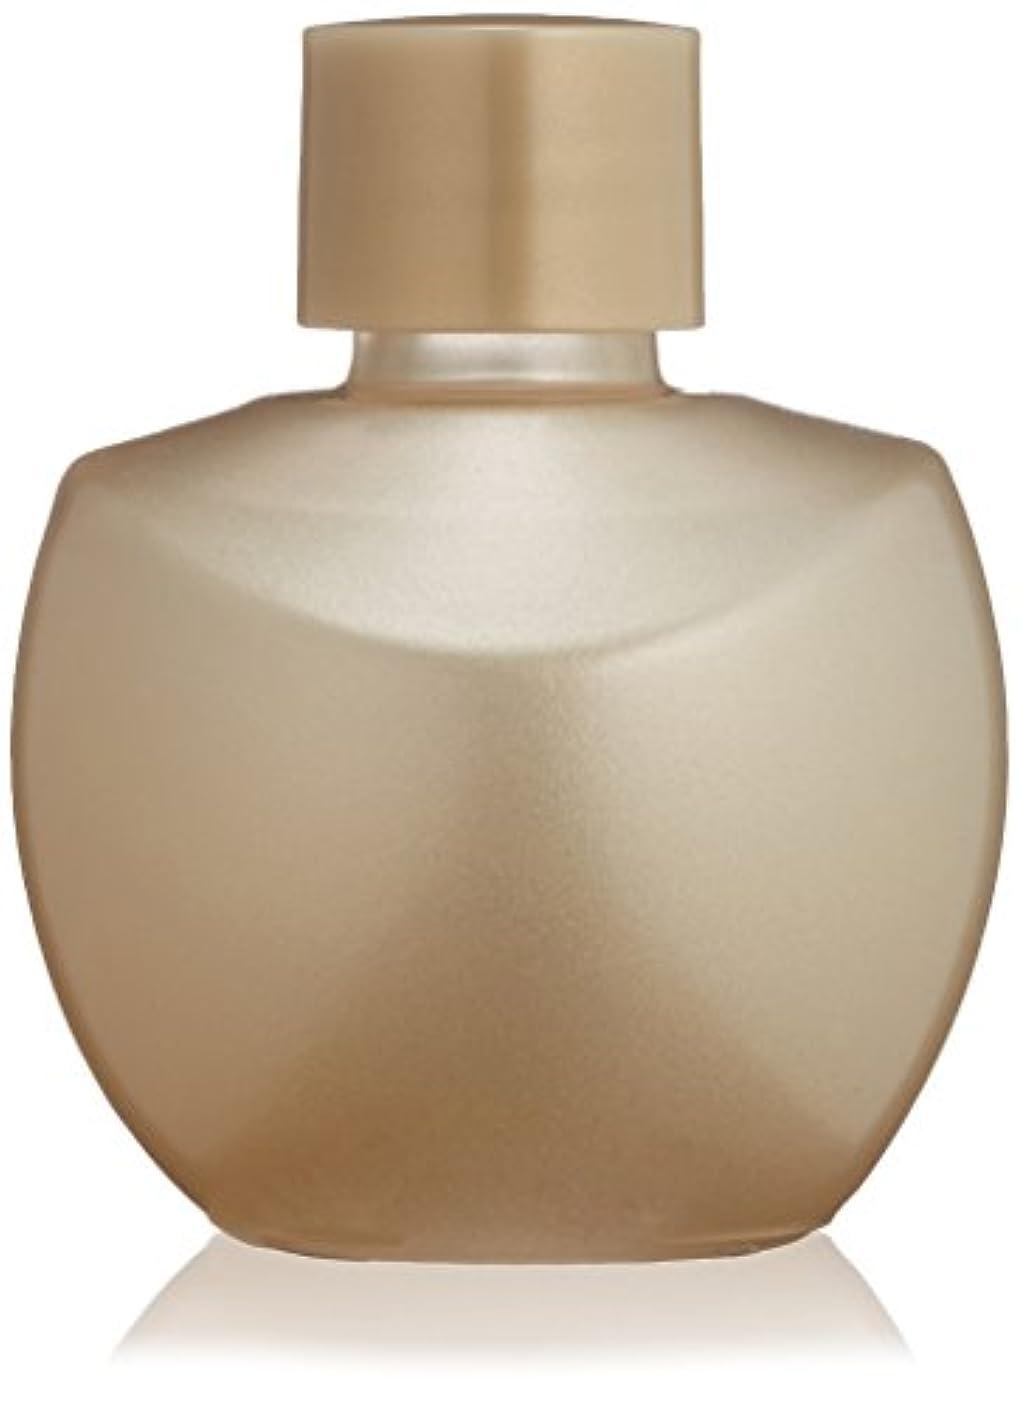 少し詳細な脳エリクシール シュペリエル エンリッチドセラム CB 美容液 (つけかえ専用ボトル) 35mL